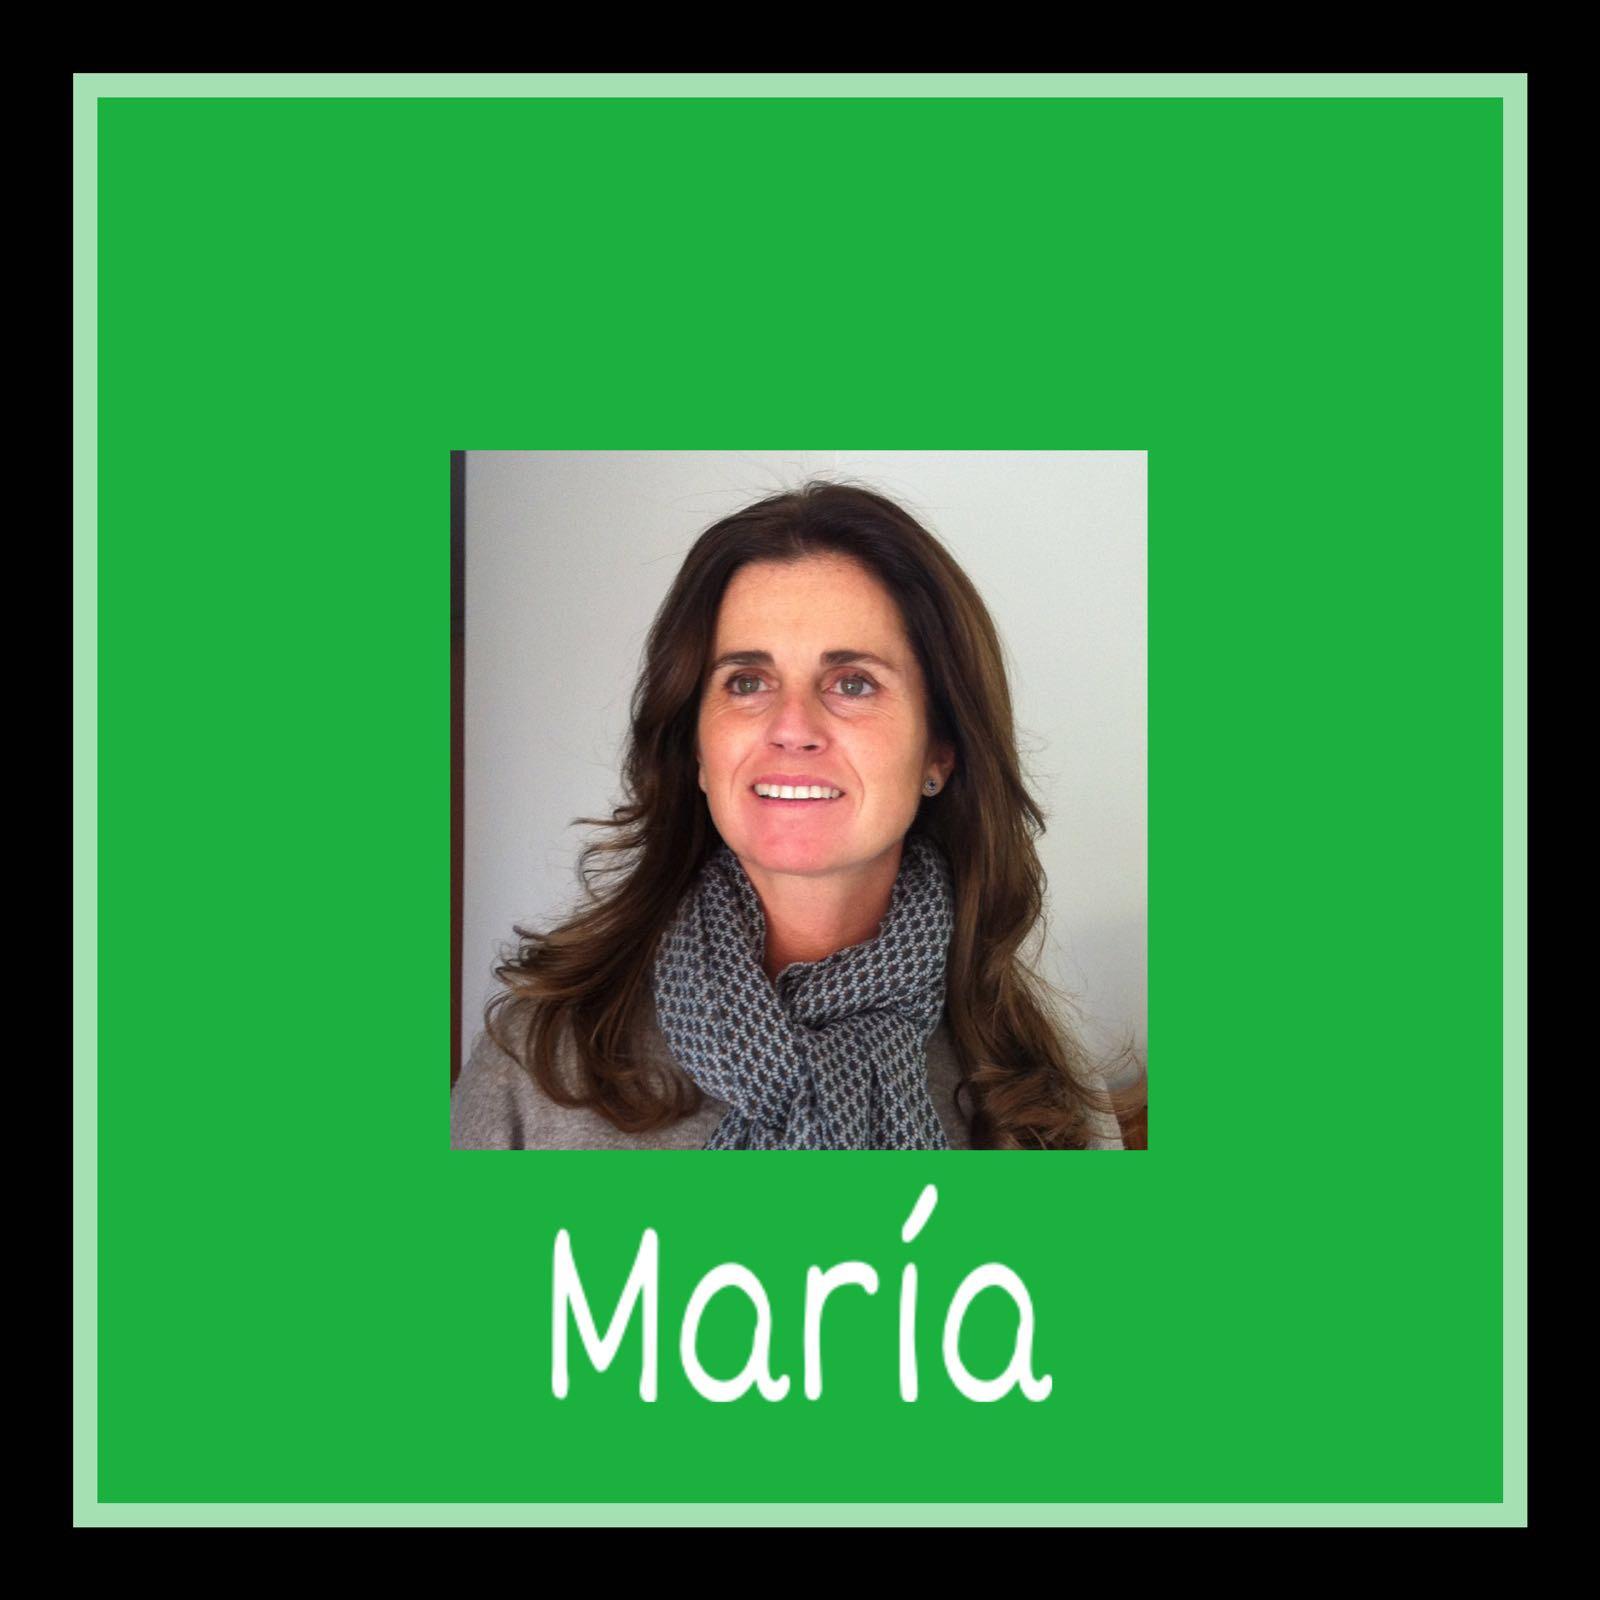 Foto María REGALA SONRISAS.jpg